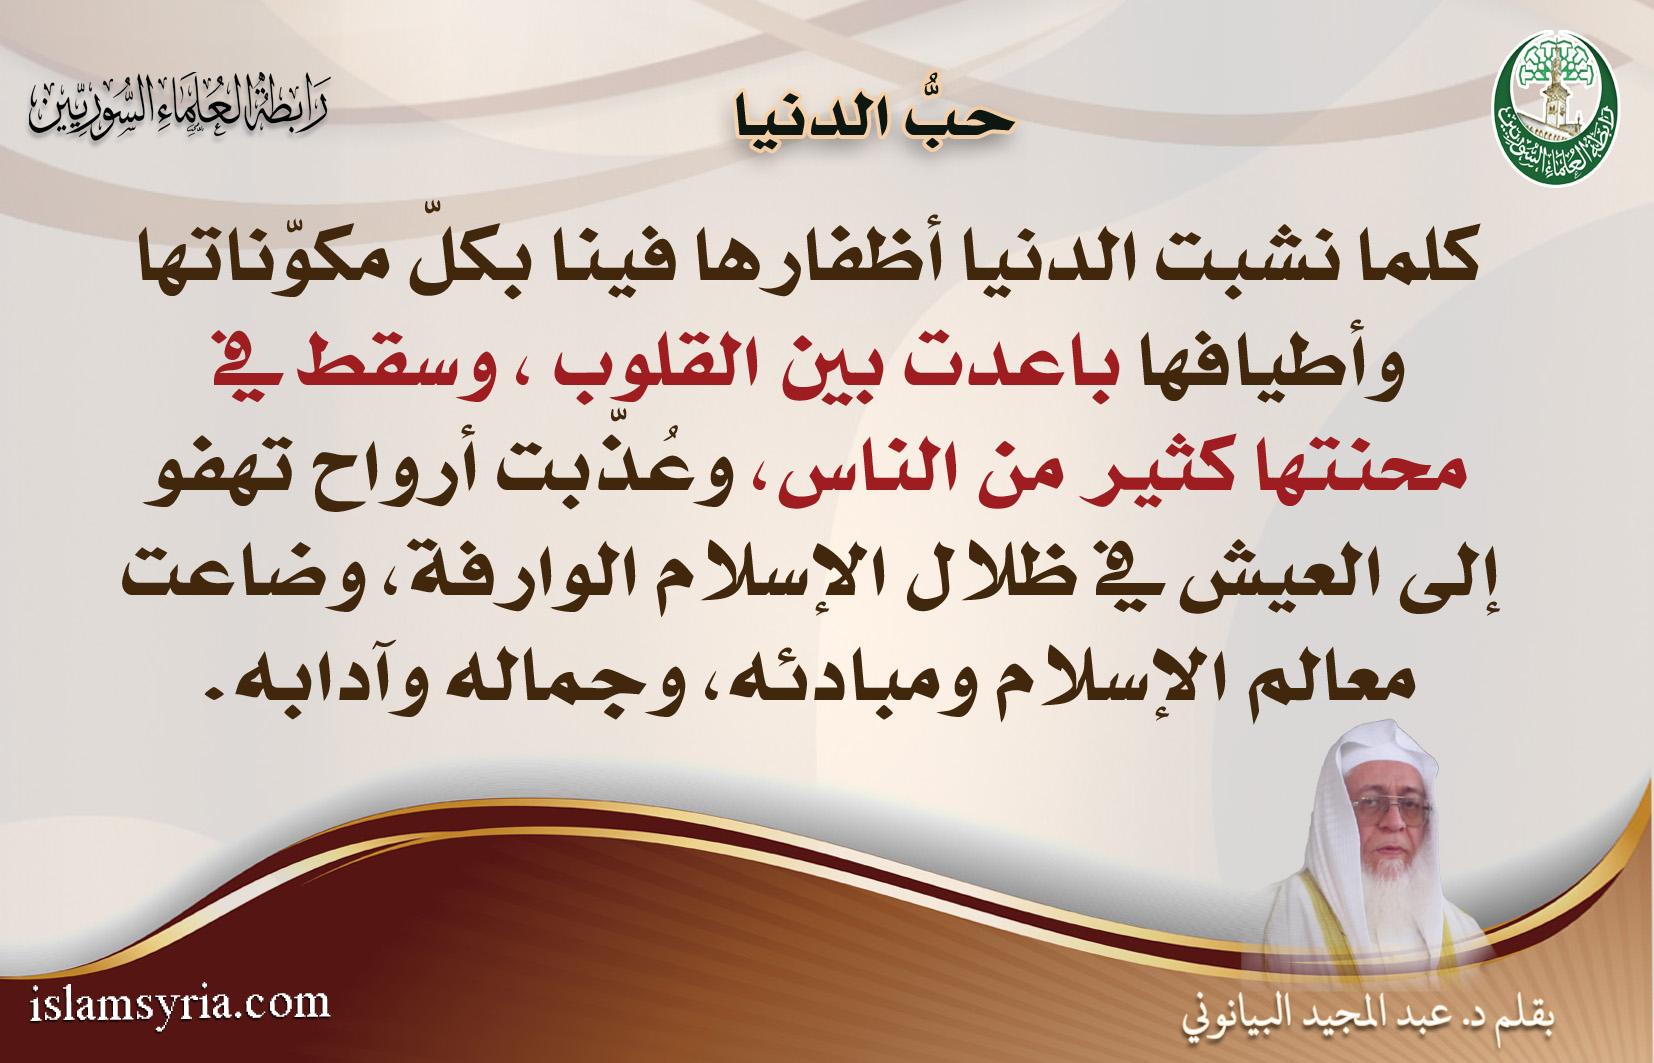 بطاقات دعوية||حب الدنيا||د. عبد المجيد البيانوني